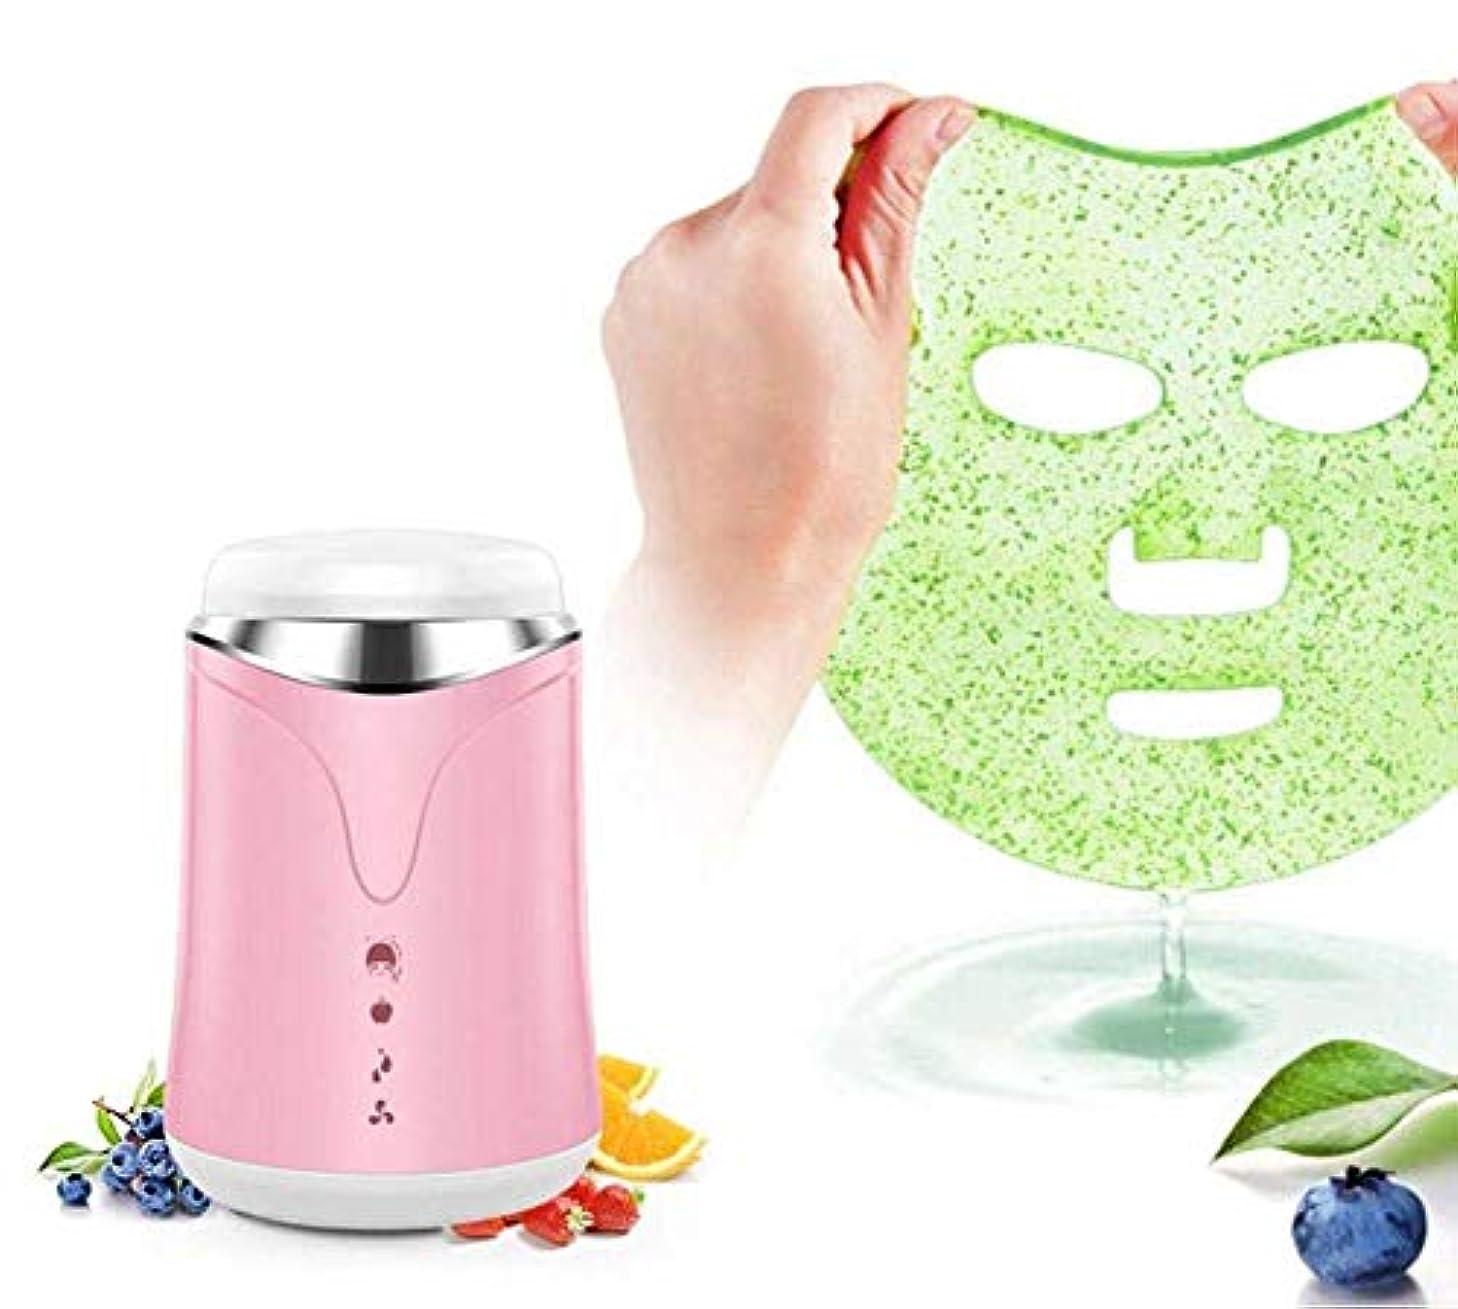 六先祖ヒステリック果物と野菜のマスクを作るマシン、顔の汽船インテリジェント自動フェイシャルケア機器/保湿美容機器自家製の液体マスク,Pink